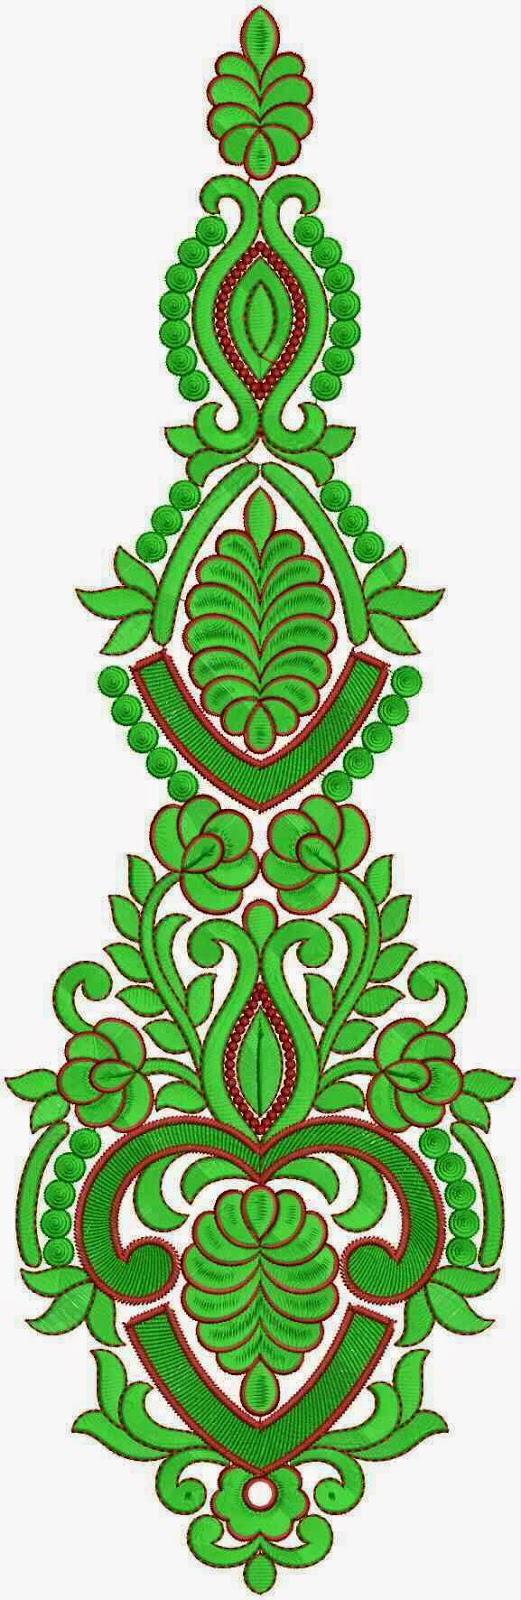 groen kleur borduurwerk appliekwerk ontwerp